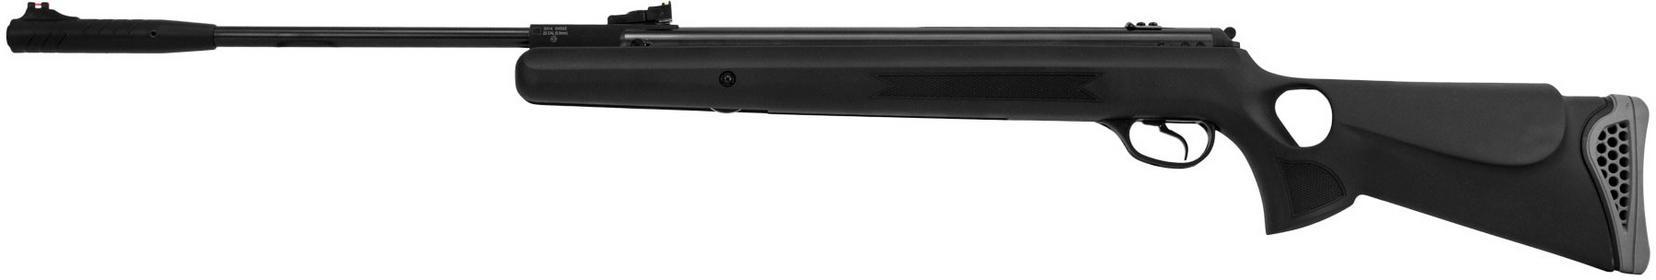 Hatsan karabinek 125 ThumbHole 4,5 mm (053-173) KB